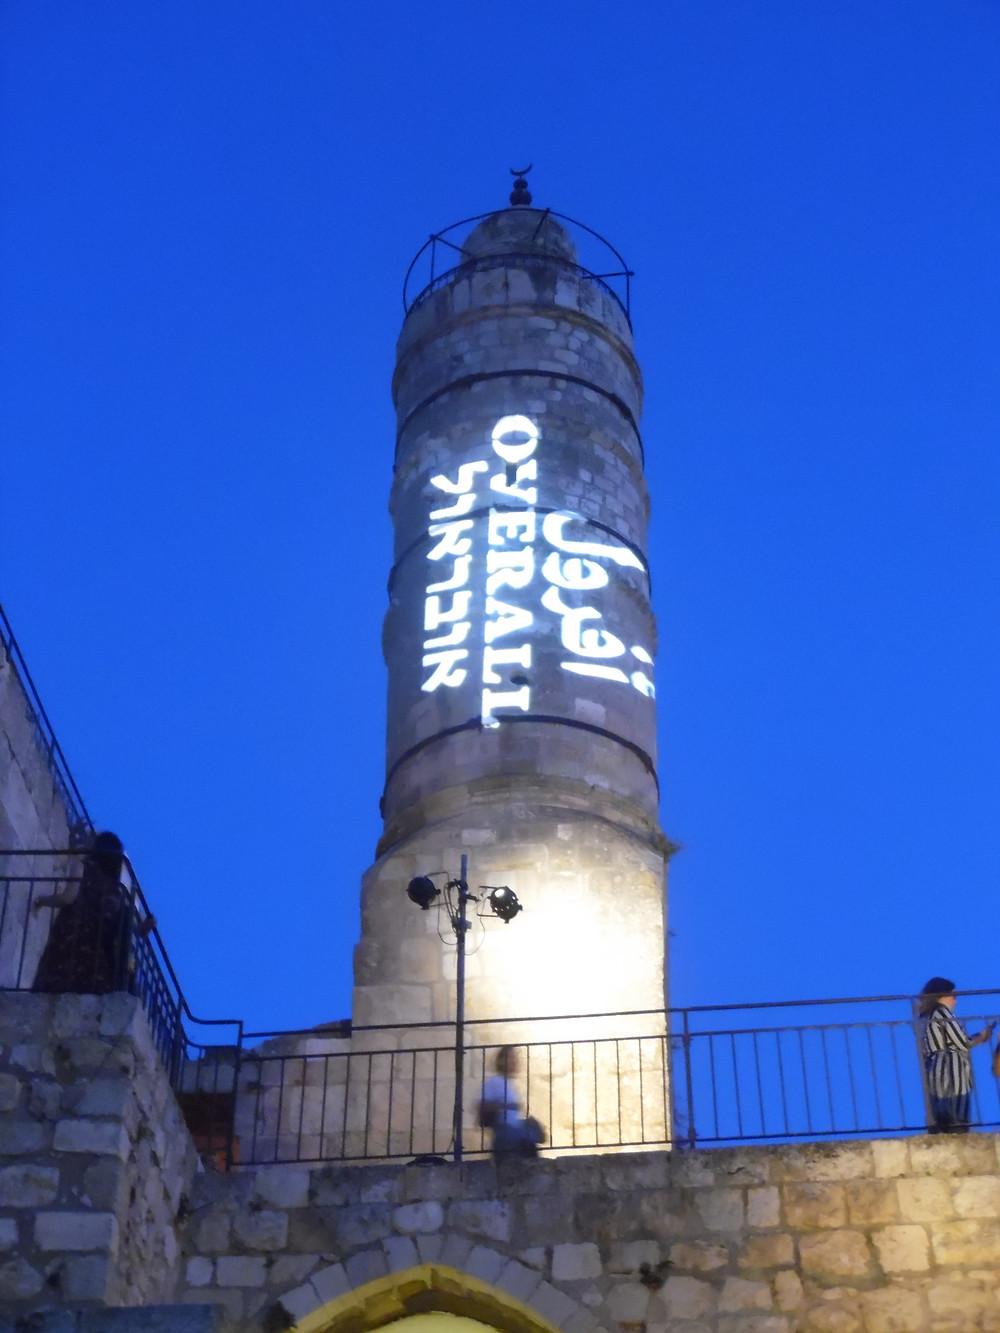 אובראול מגדל דוד צילום: אושרת אביחצירה פרזם